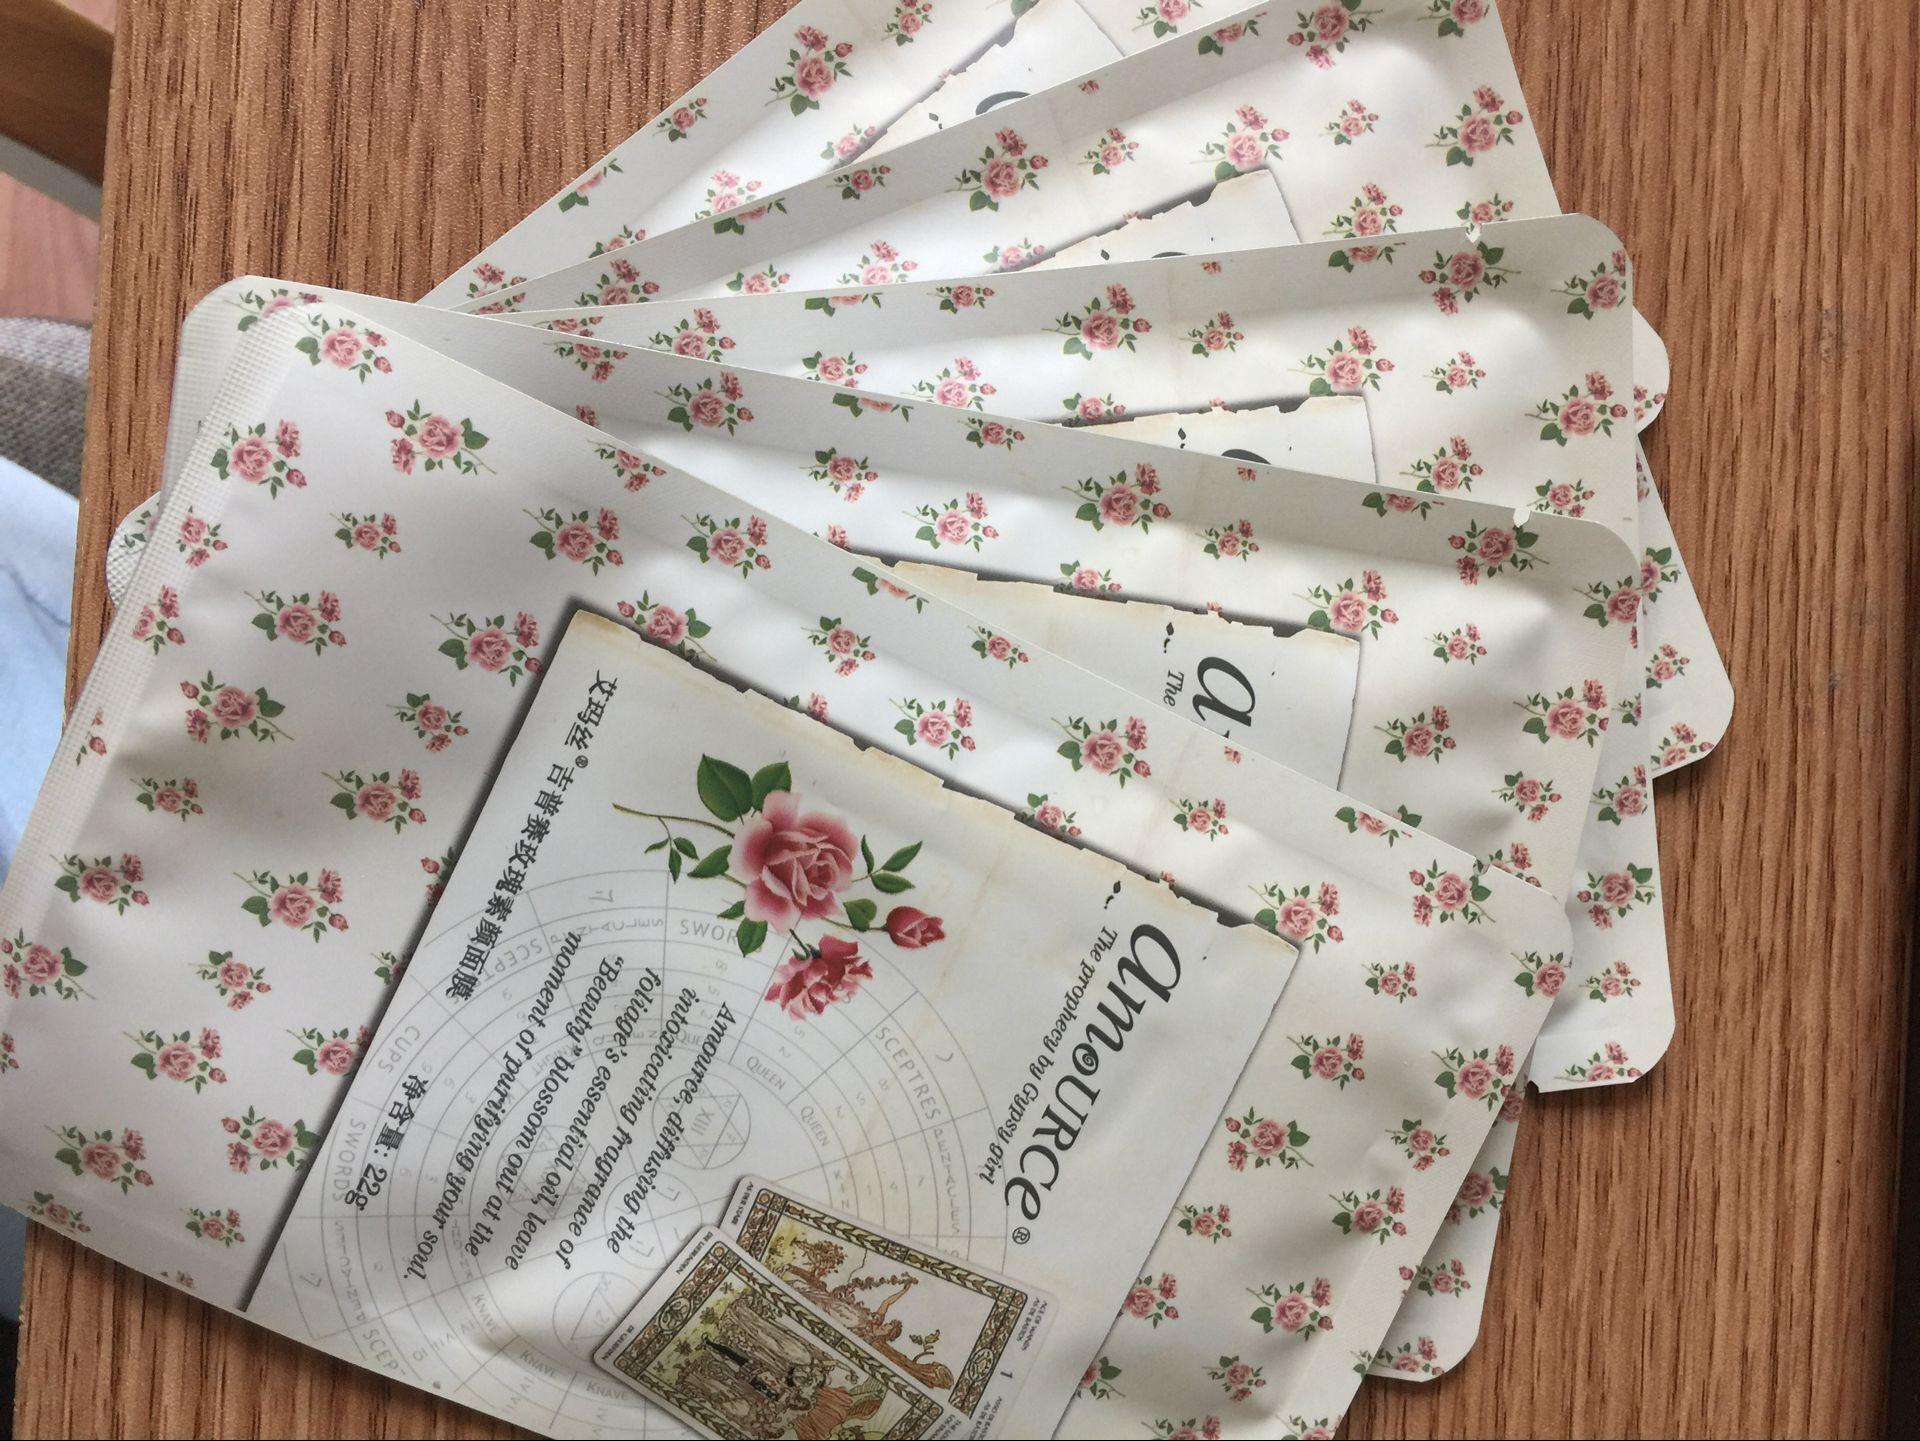 艾玛丝吉普赛玫瑰素颜面膜这个牌子还是第一次接触,对于玫瑰精油产品